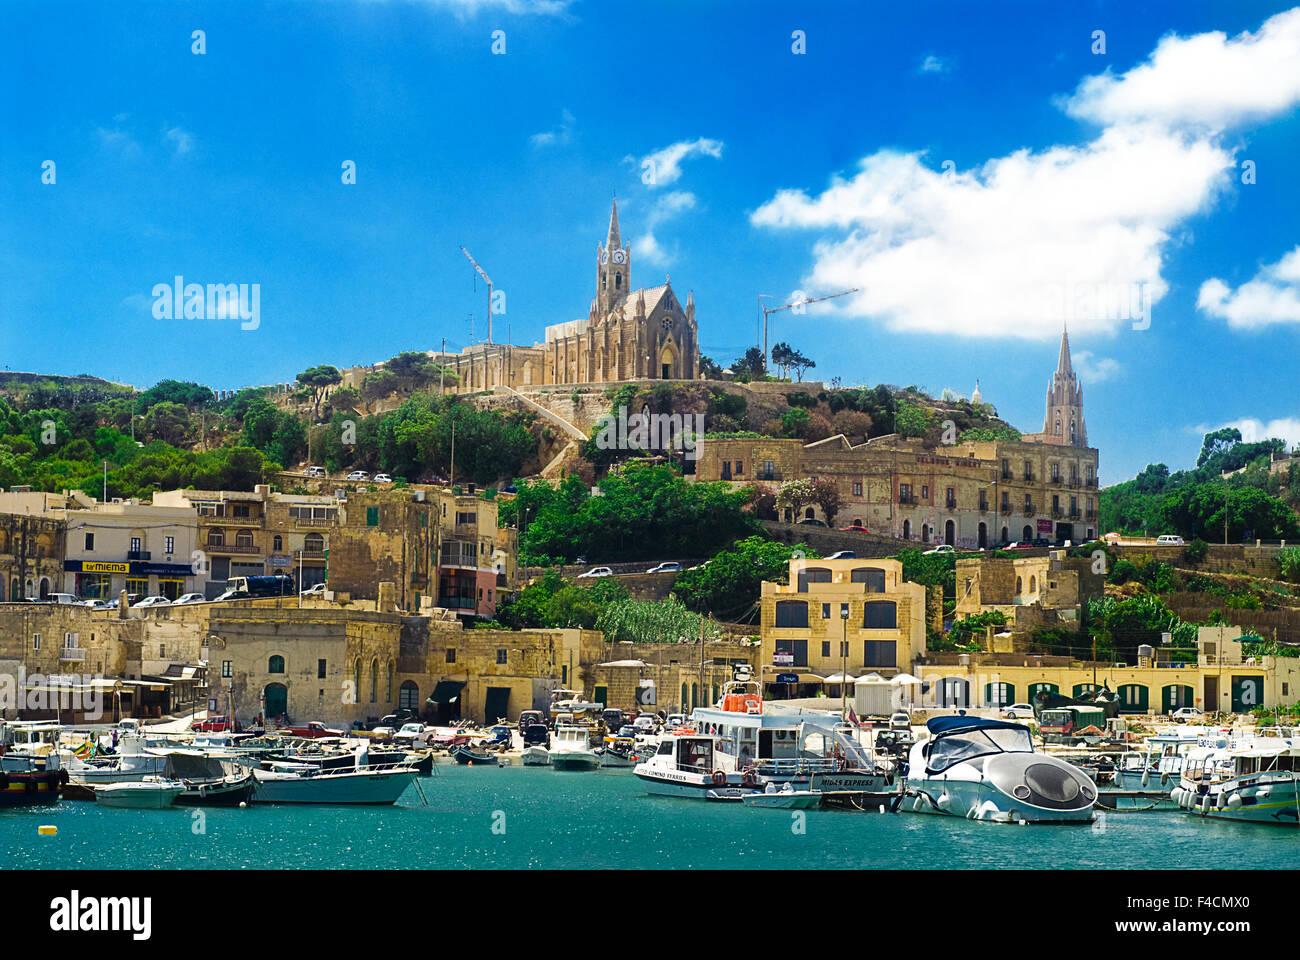 Una vista di Gozo, una delle isole maltesi. Immagini Stock